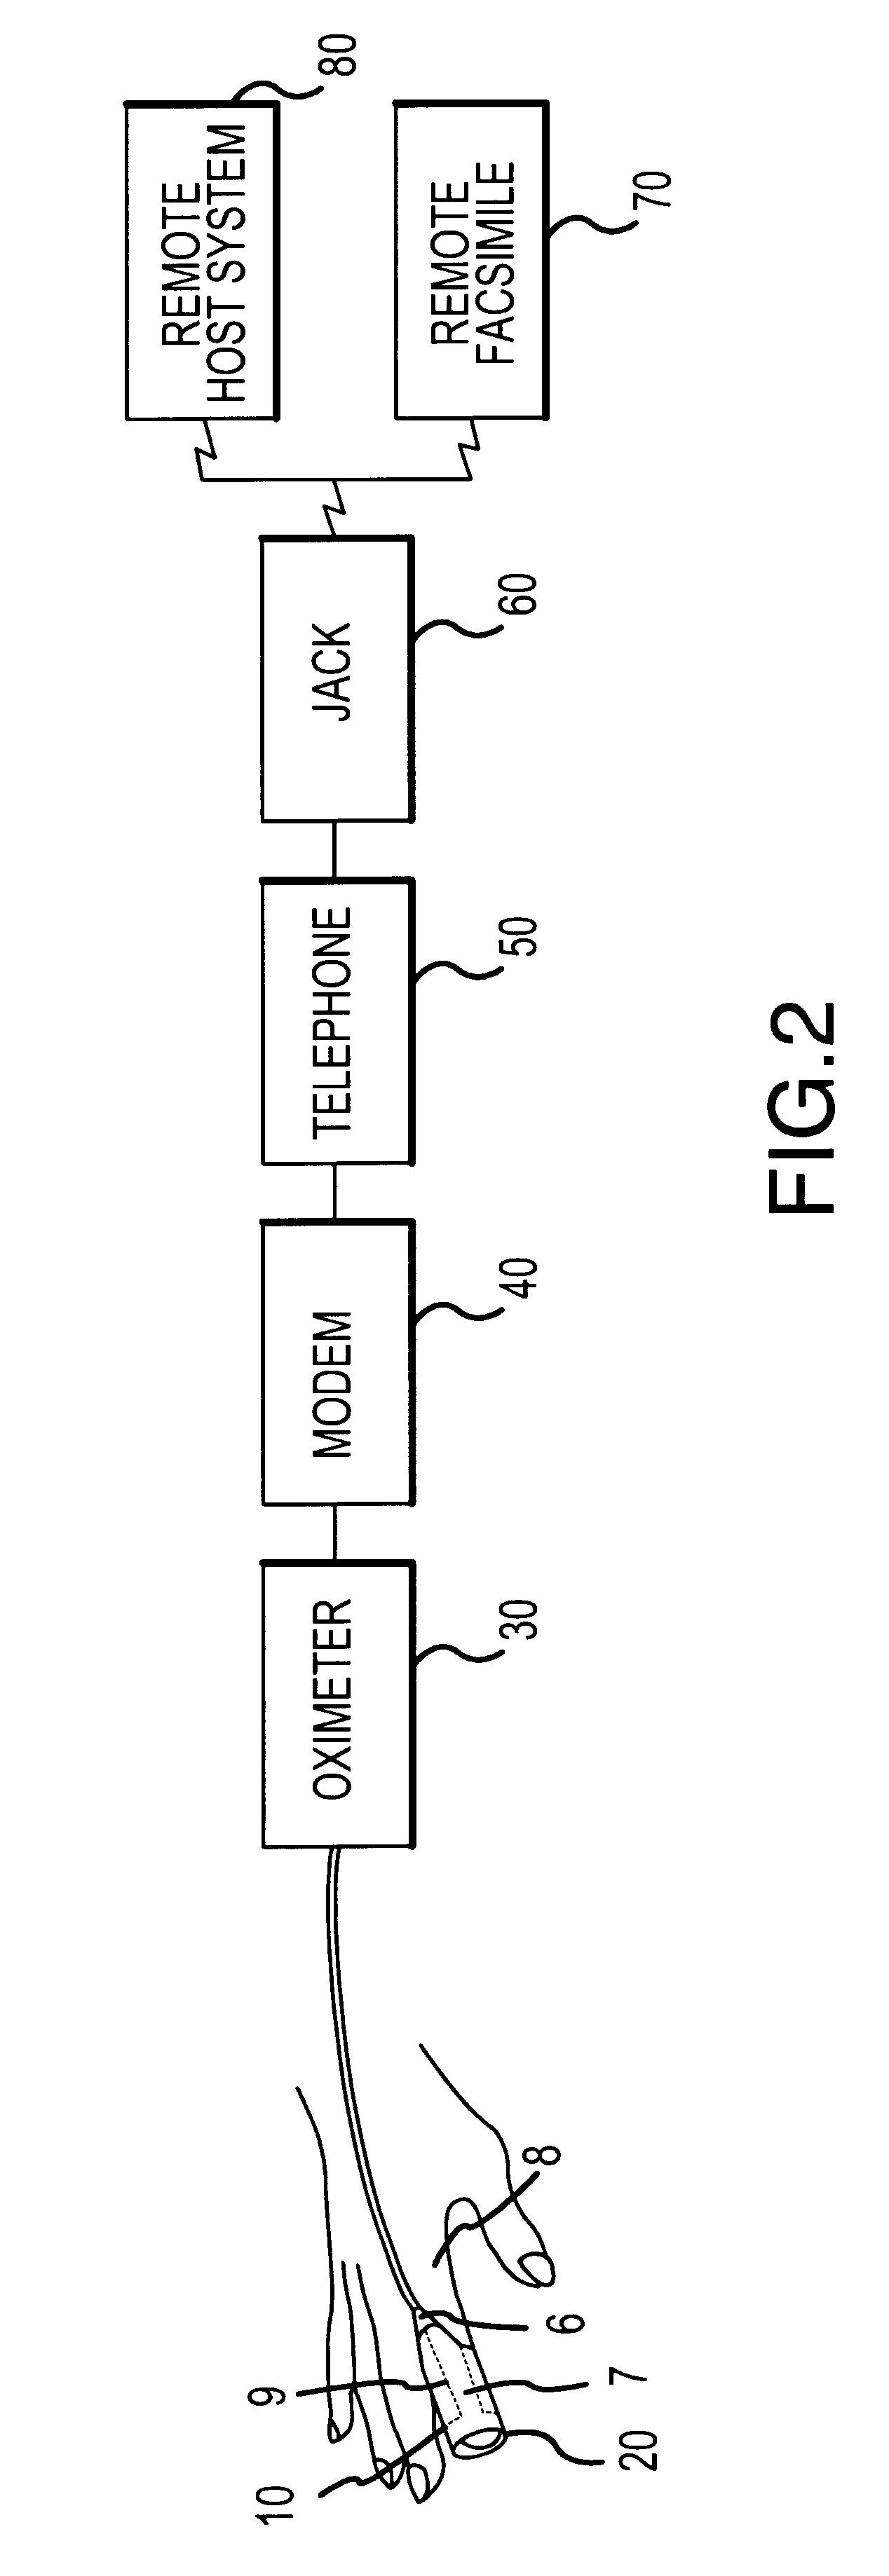 patent us6415166